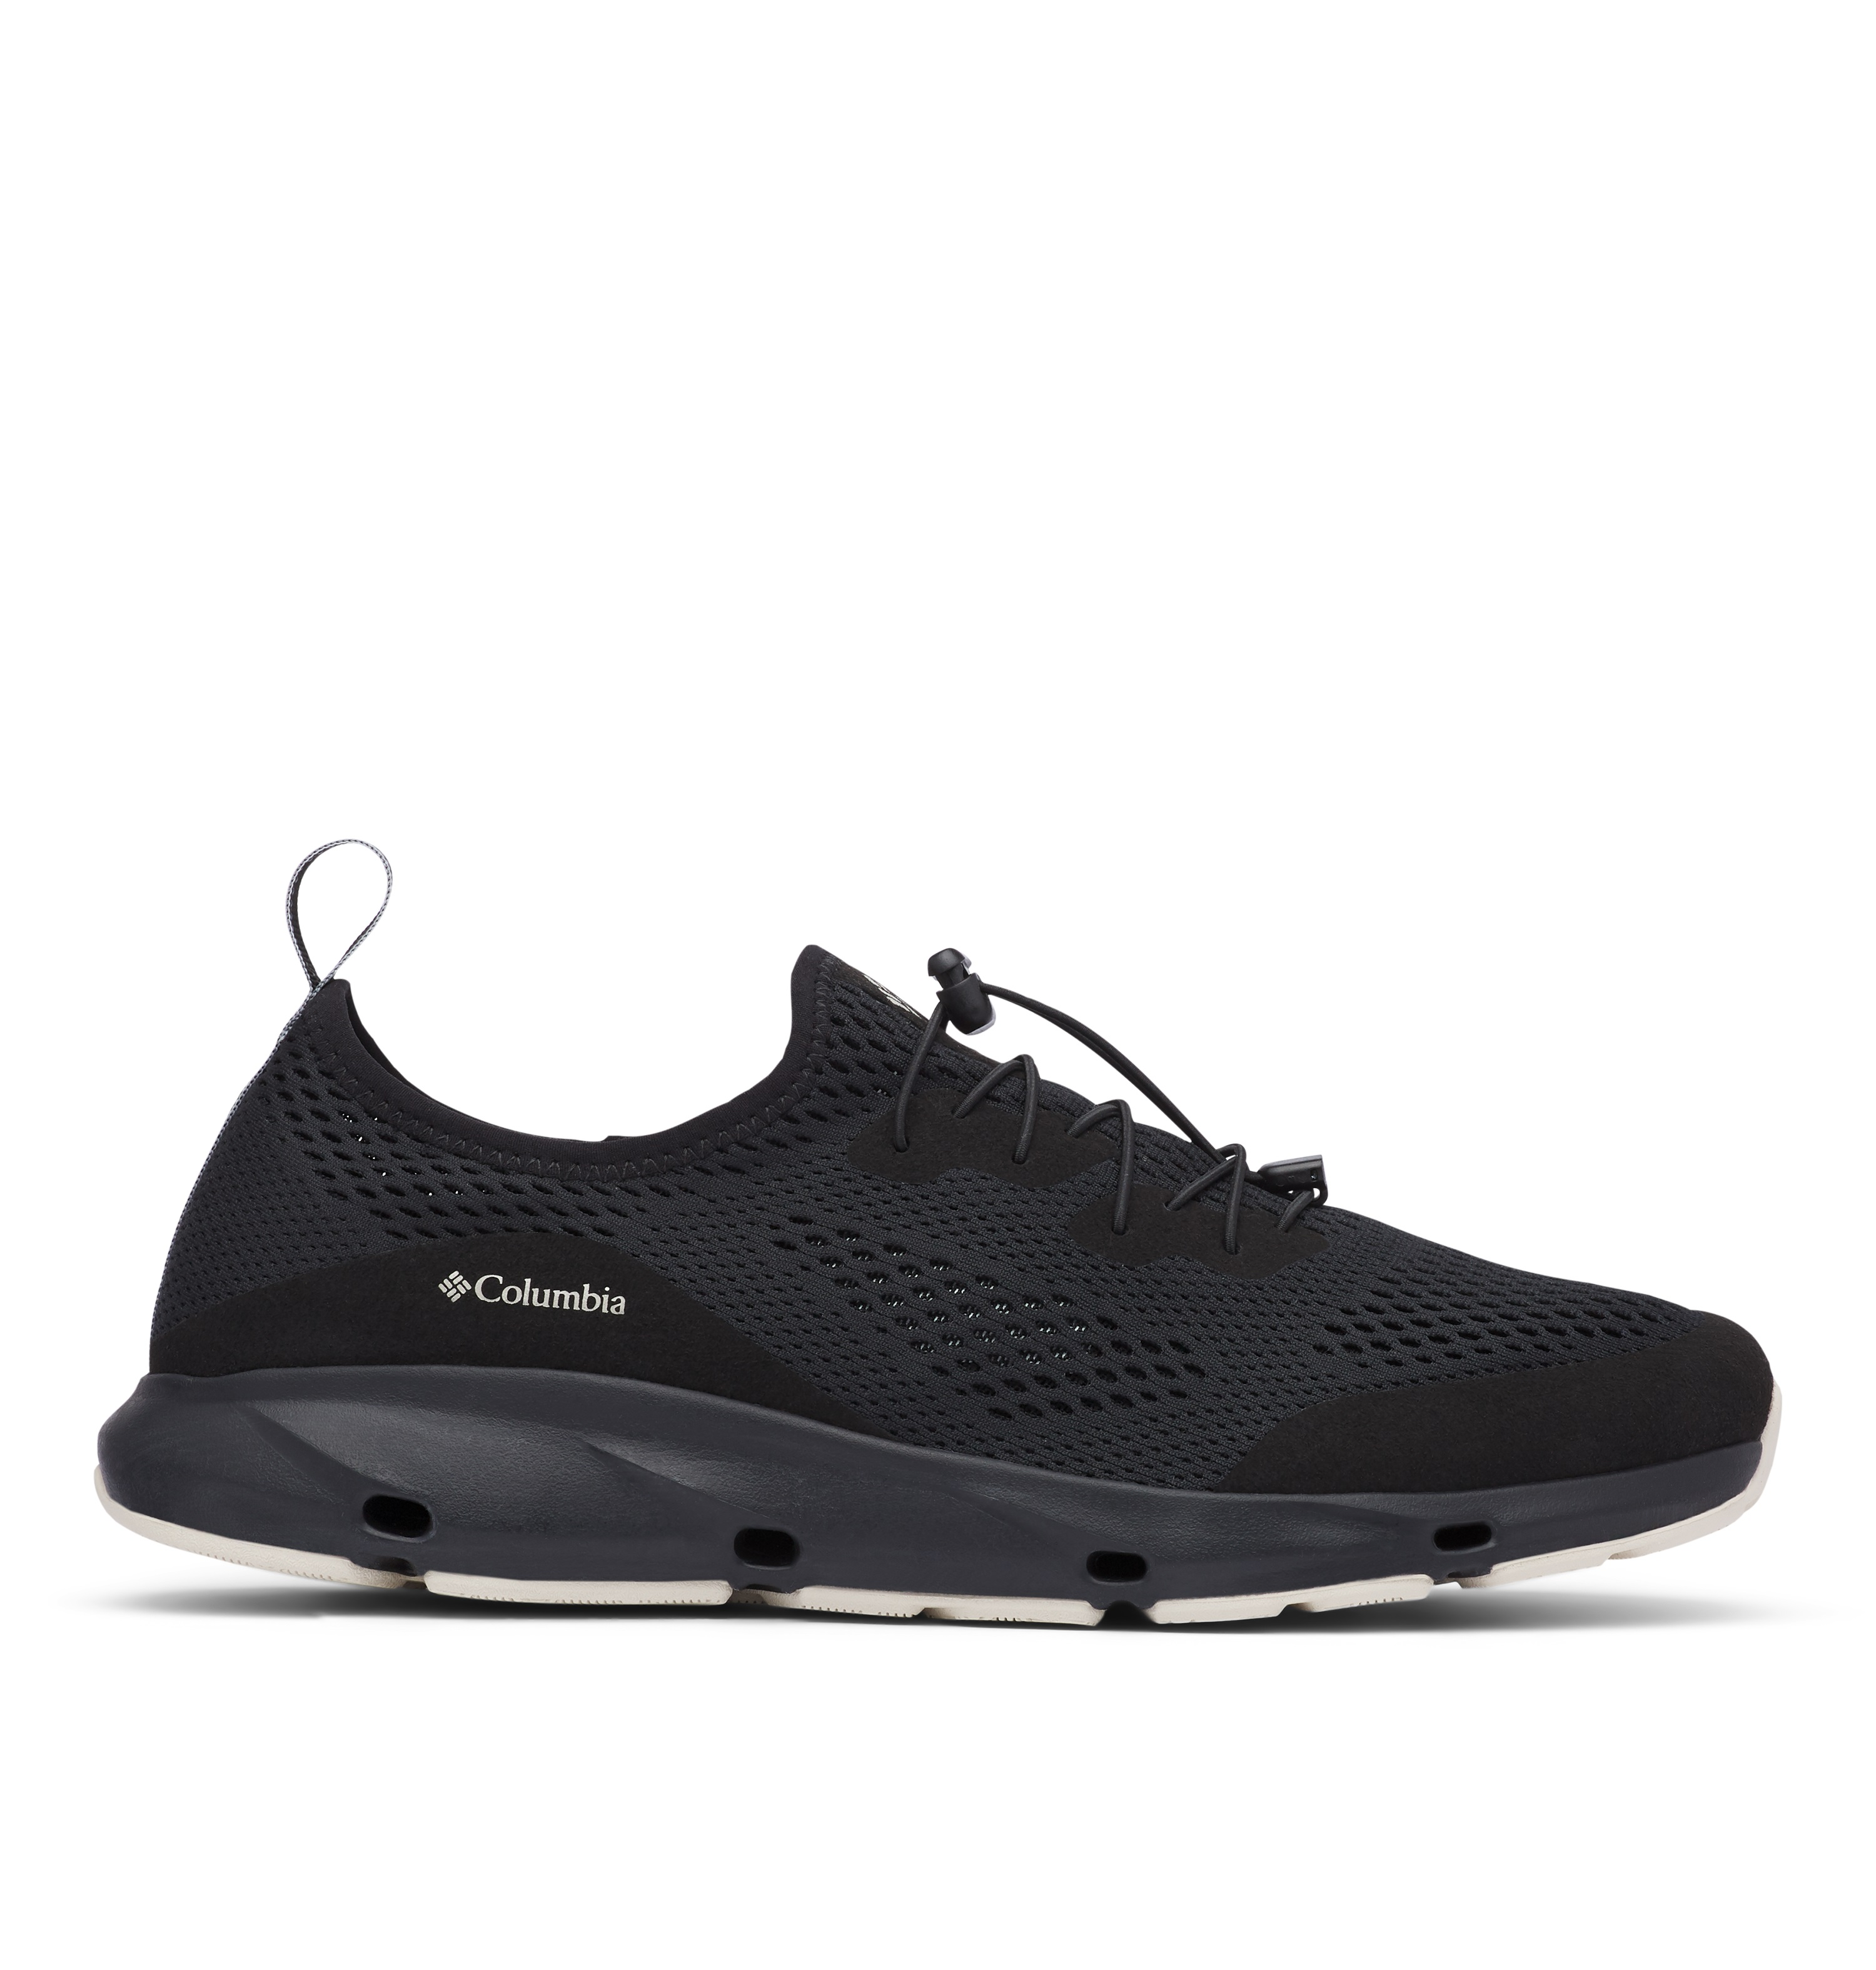 Comprar Columbia Vent shoes black